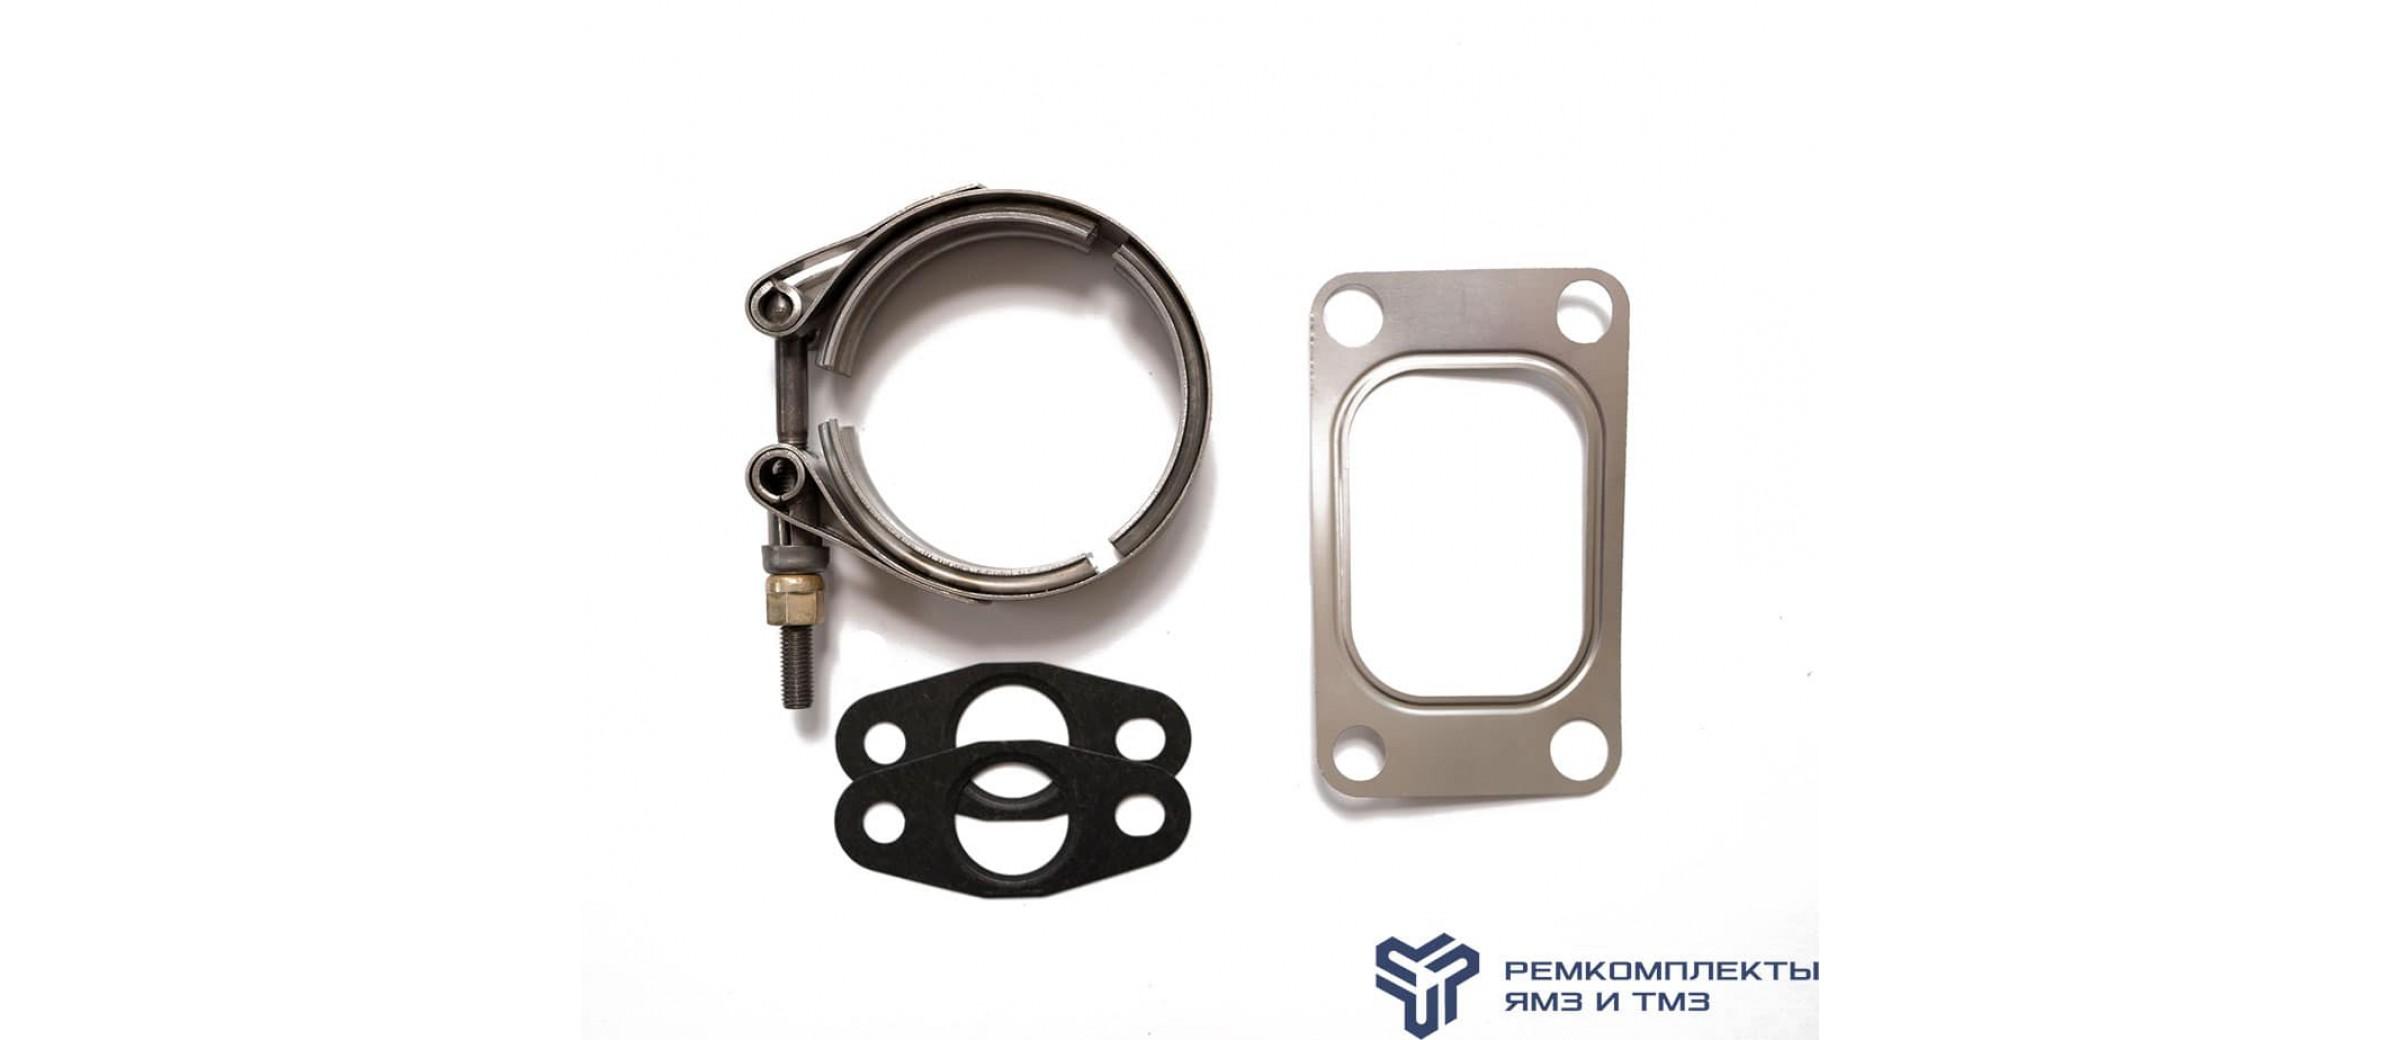 Ремкомплект крепления турбокомпрессора ЯМЗ-536 (прокладки,хомуты)